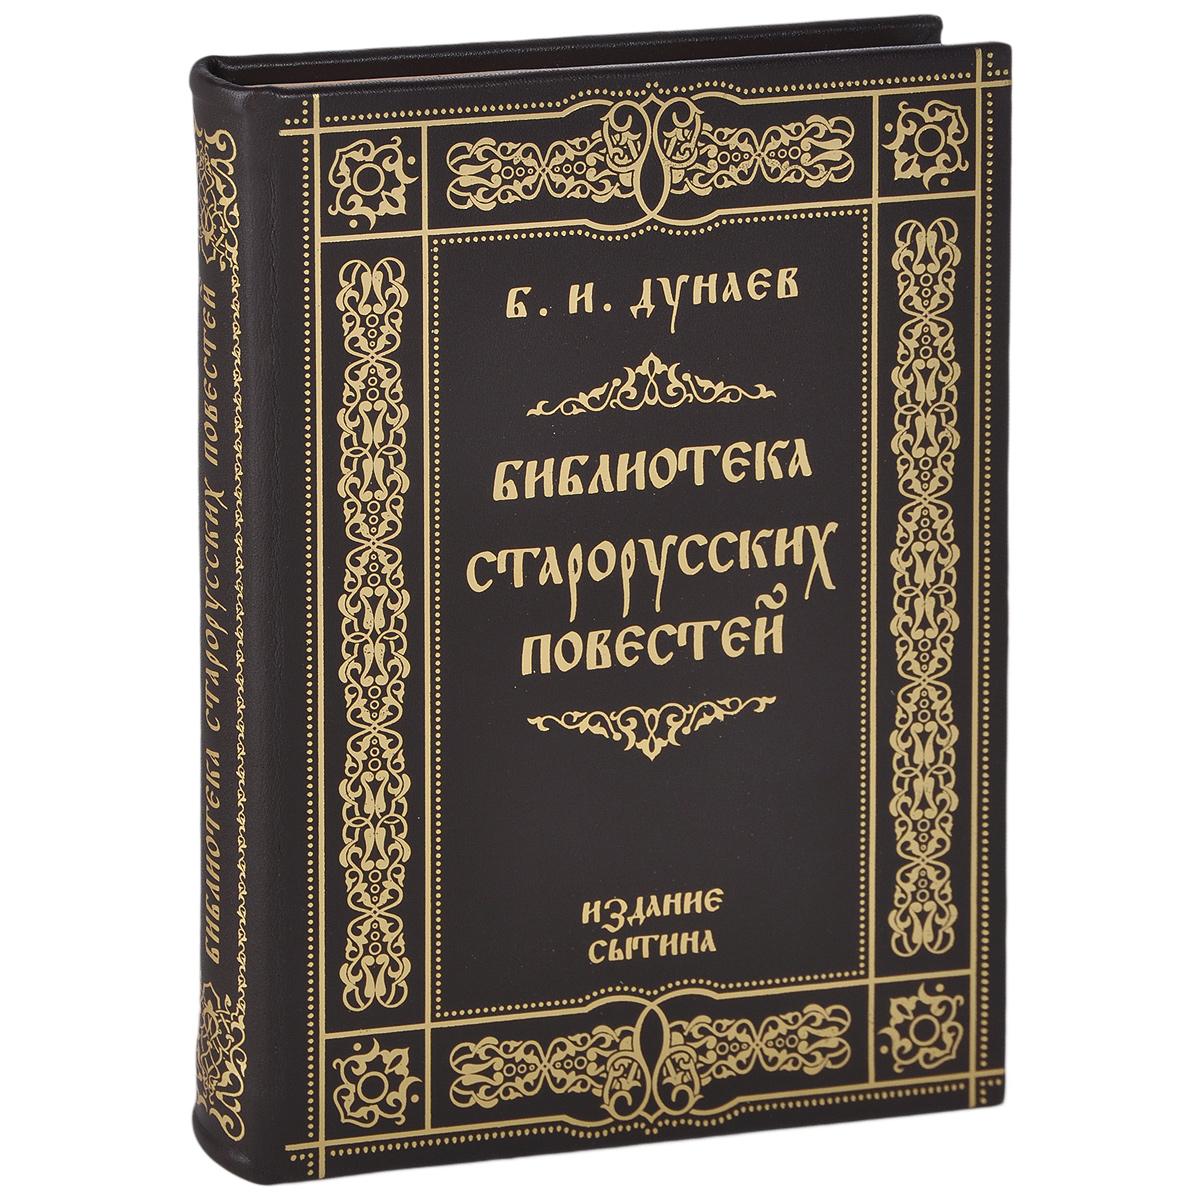 Б. И. Дунаев ��иблиотека старорусских повестей (подарочное издание) повесть временных лет подарочное издание